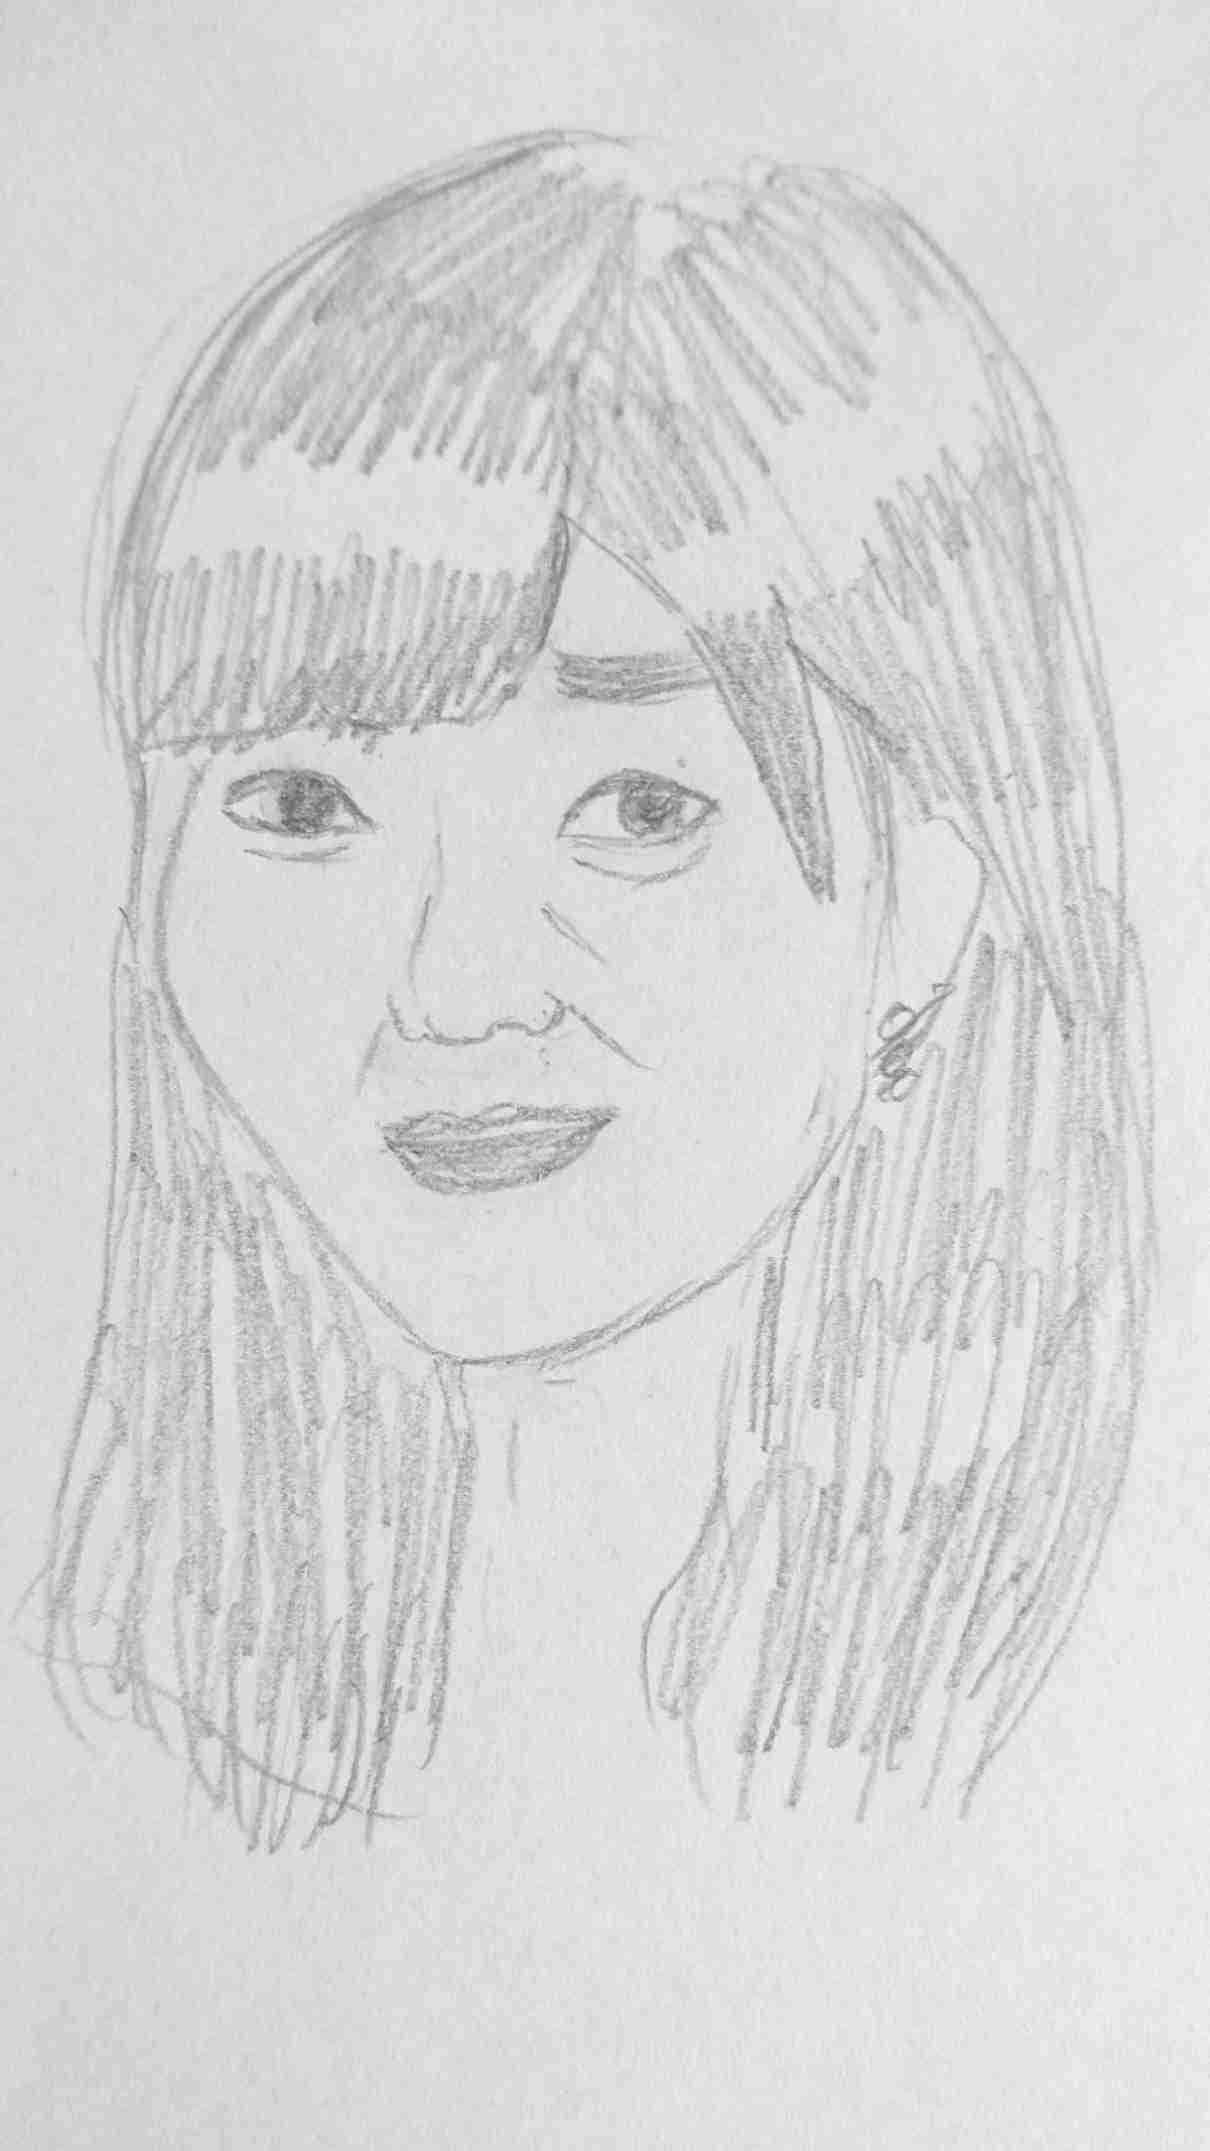 芸能人の似顔絵を描いて誰かを当ててもらうトピ